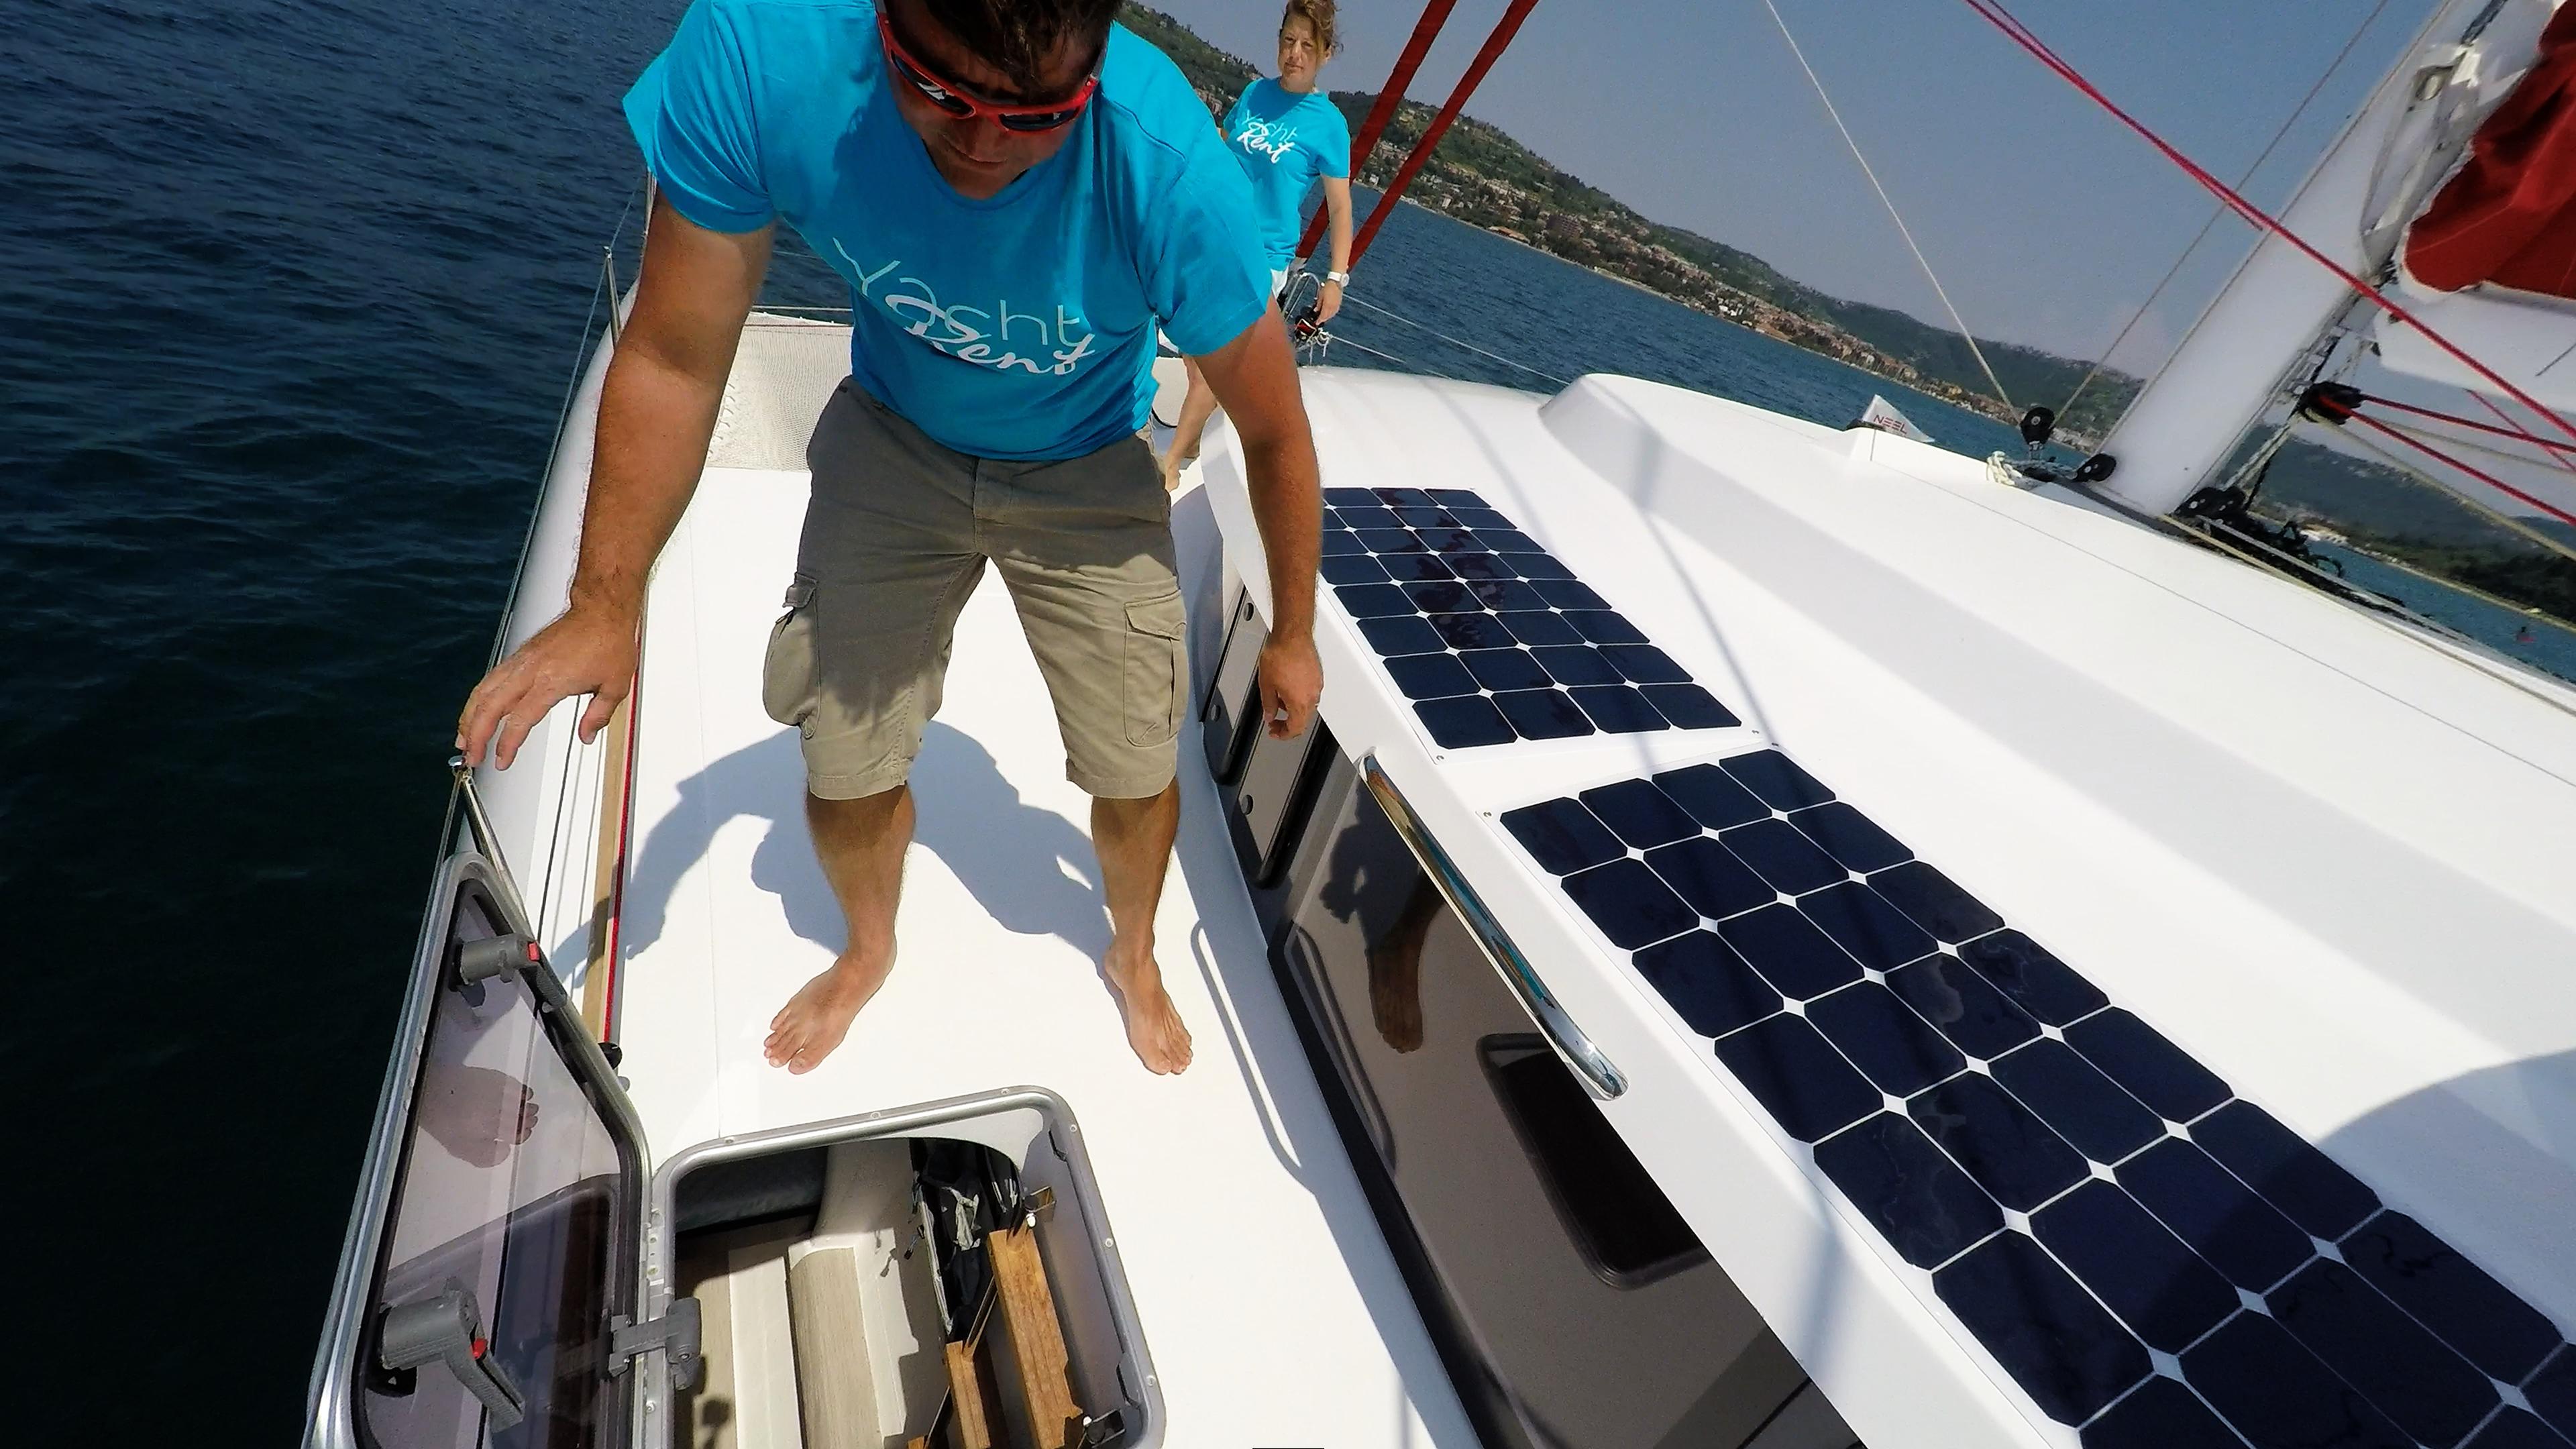 equipaggio alloggi boccaporto neel 45 trimarano yacht